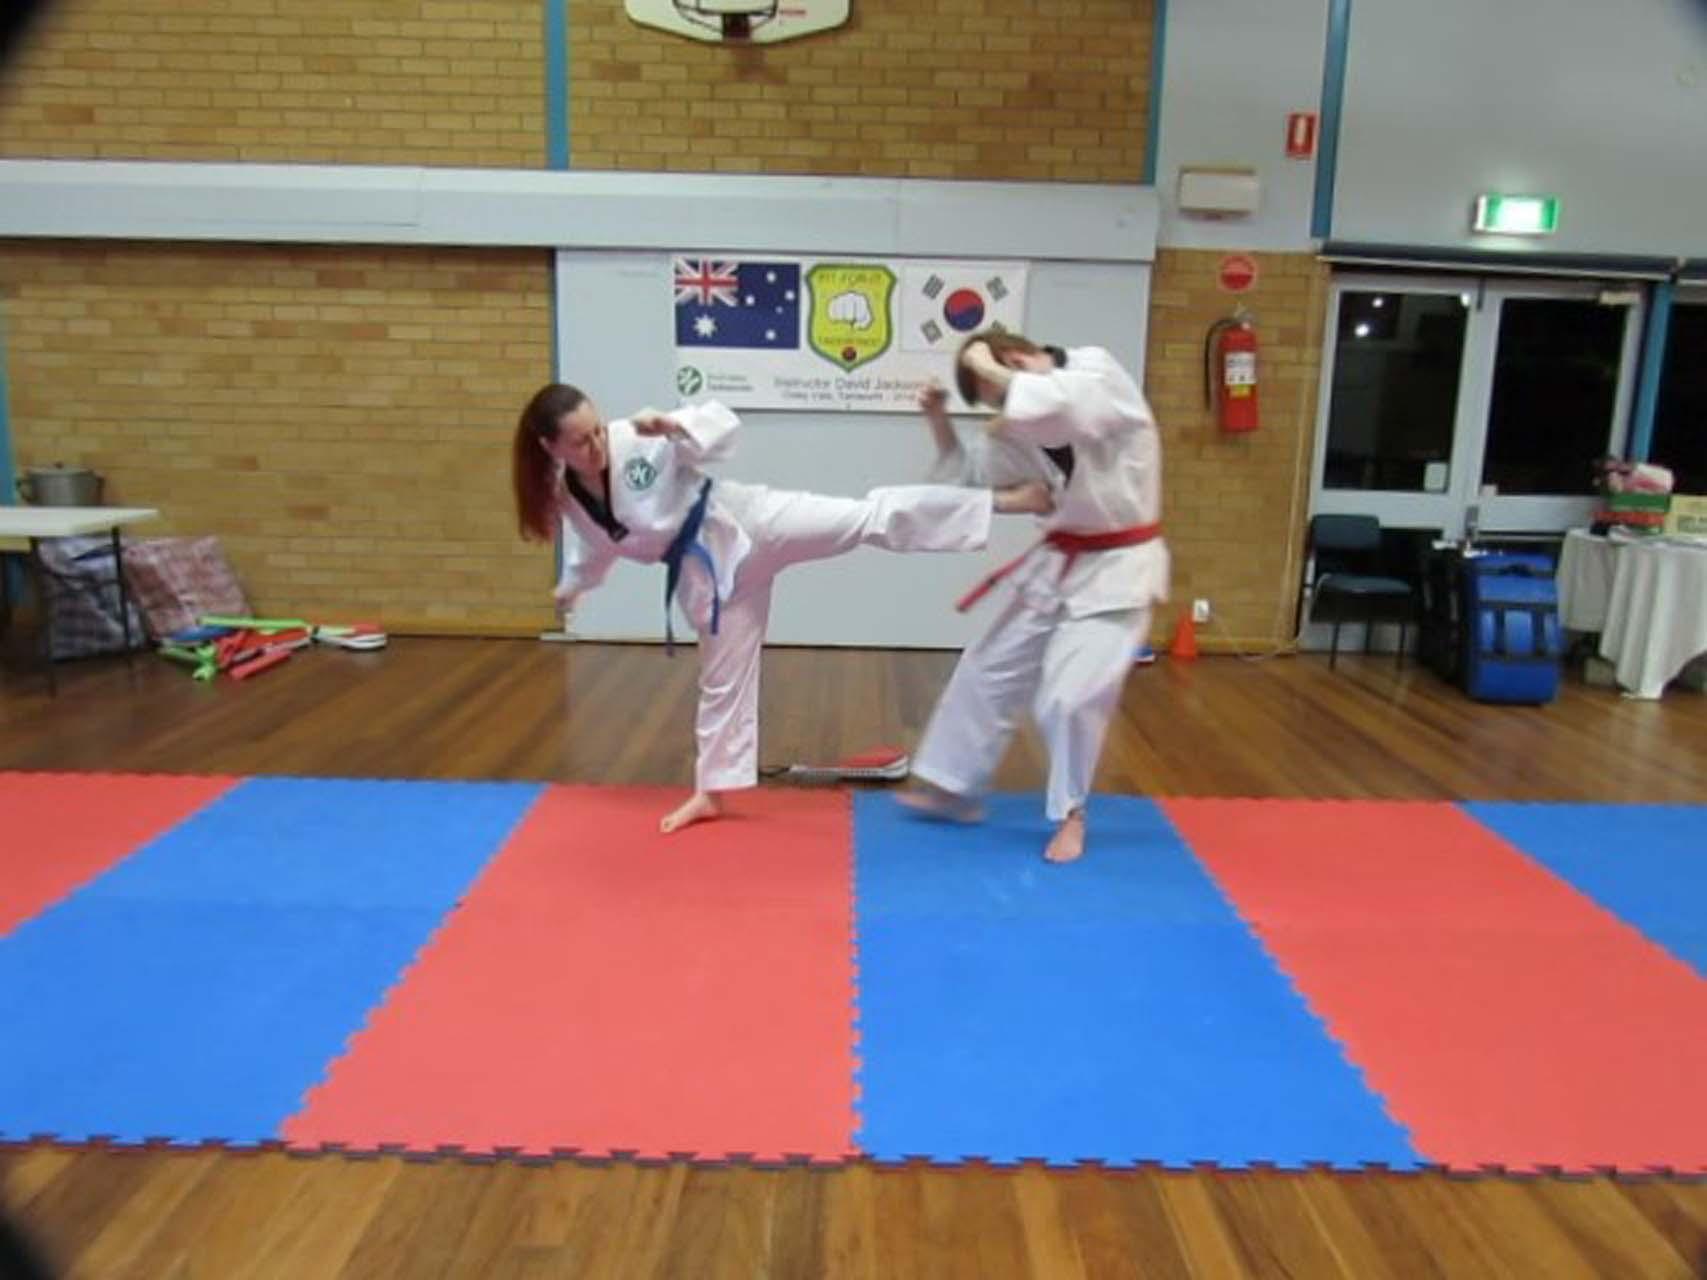 A woman taekwondo kicks a man in the stomach at Martial Arts Tamworth.